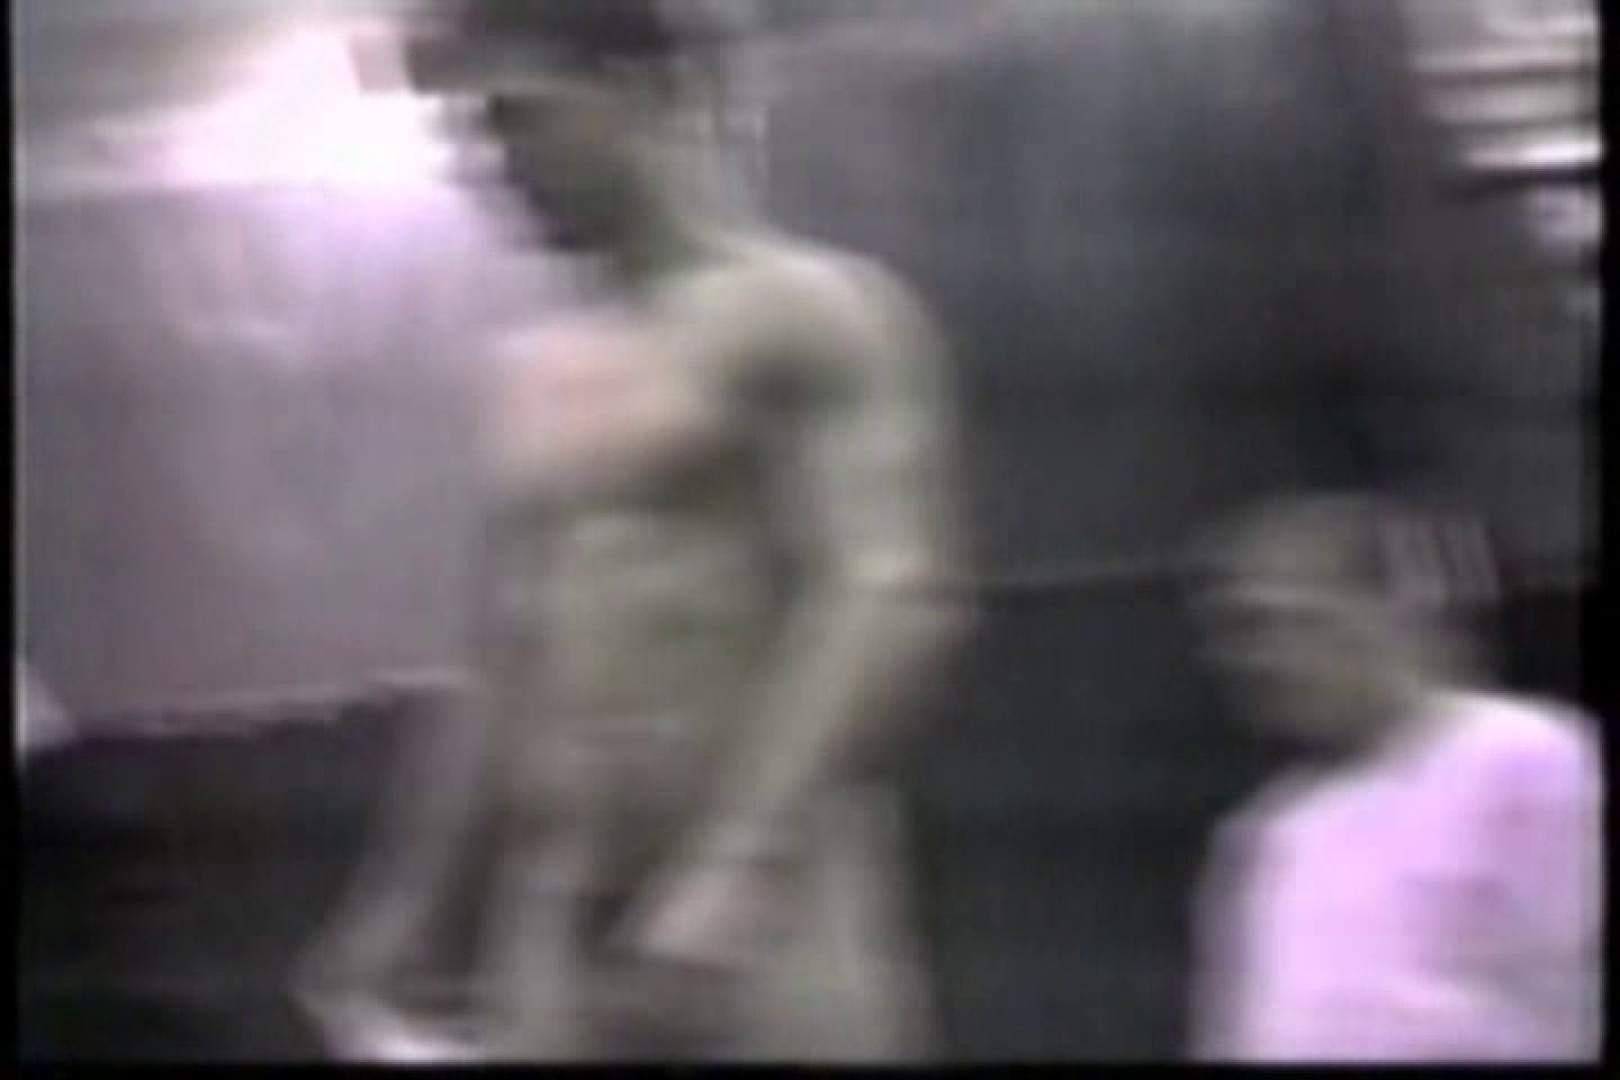 洋人さんの脱衣所を覗いてみました。VOL.6 覗きシーン   男・男・男  102枚 25